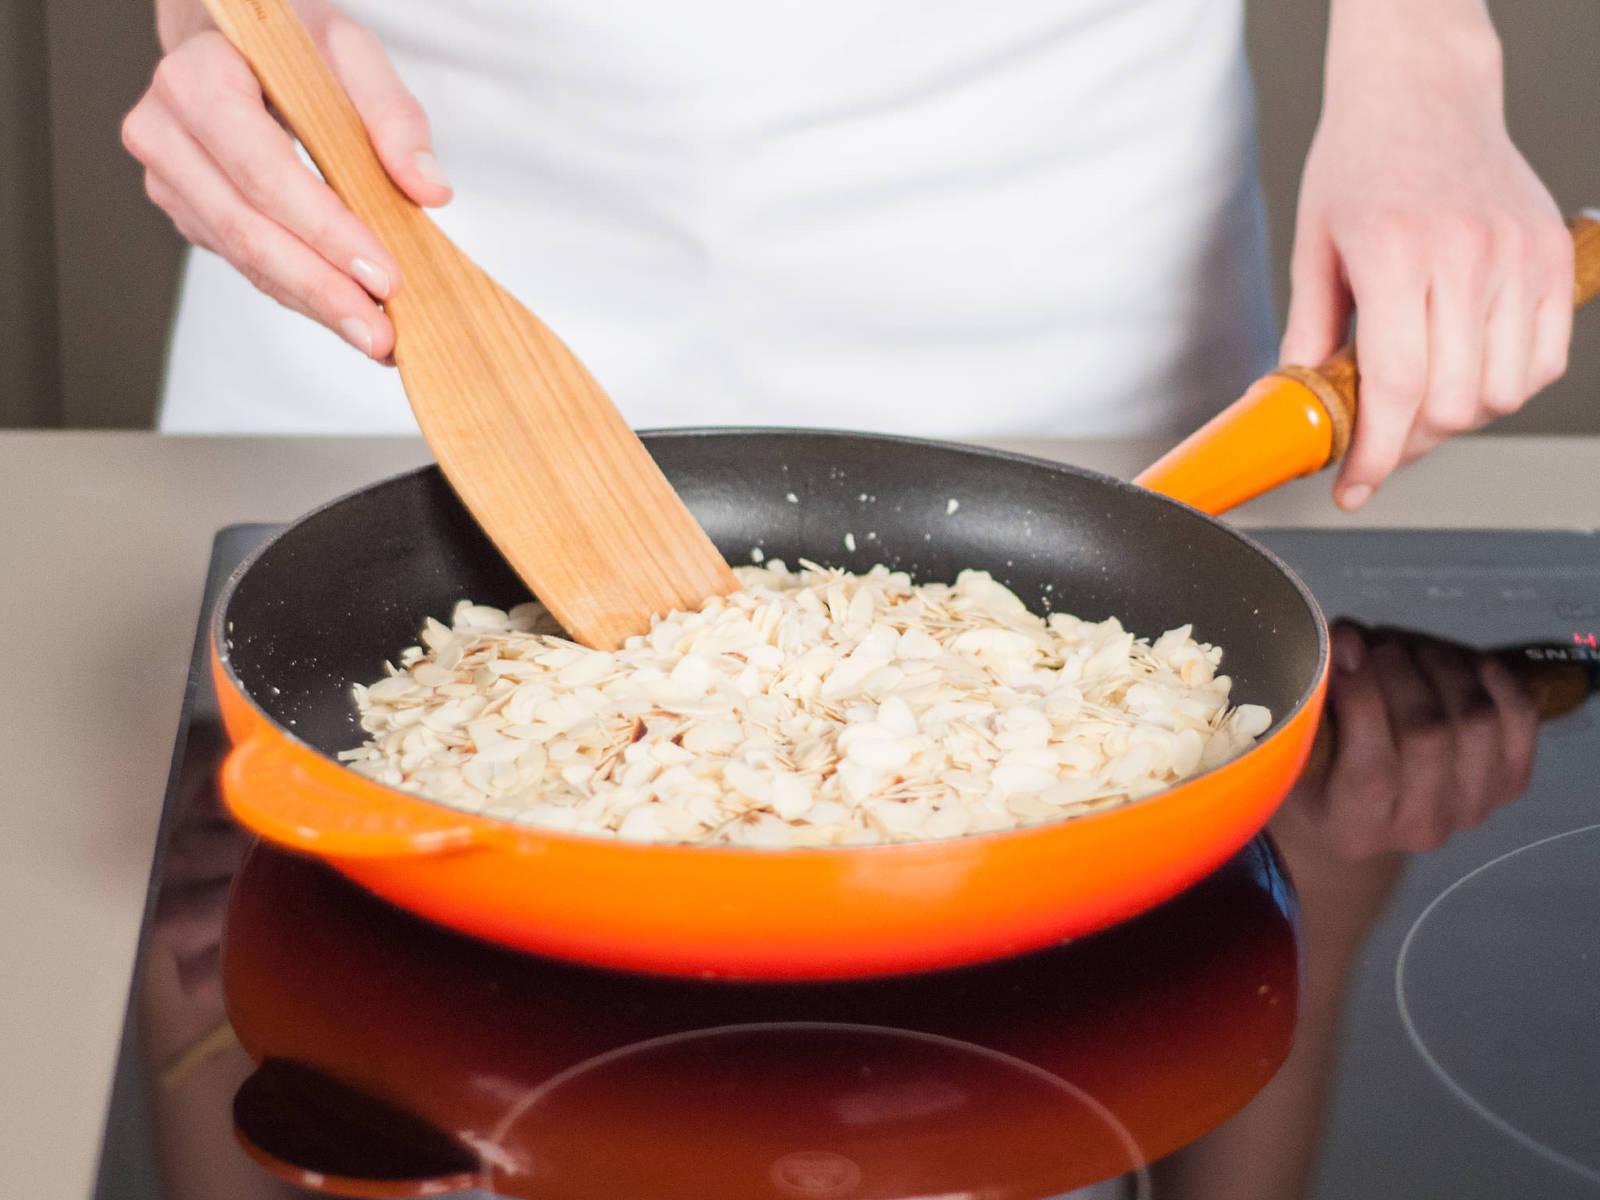 用中低温在无油煎锅中烘烤杏仁片,至杏仁片呈浅棕色并散发出香味。